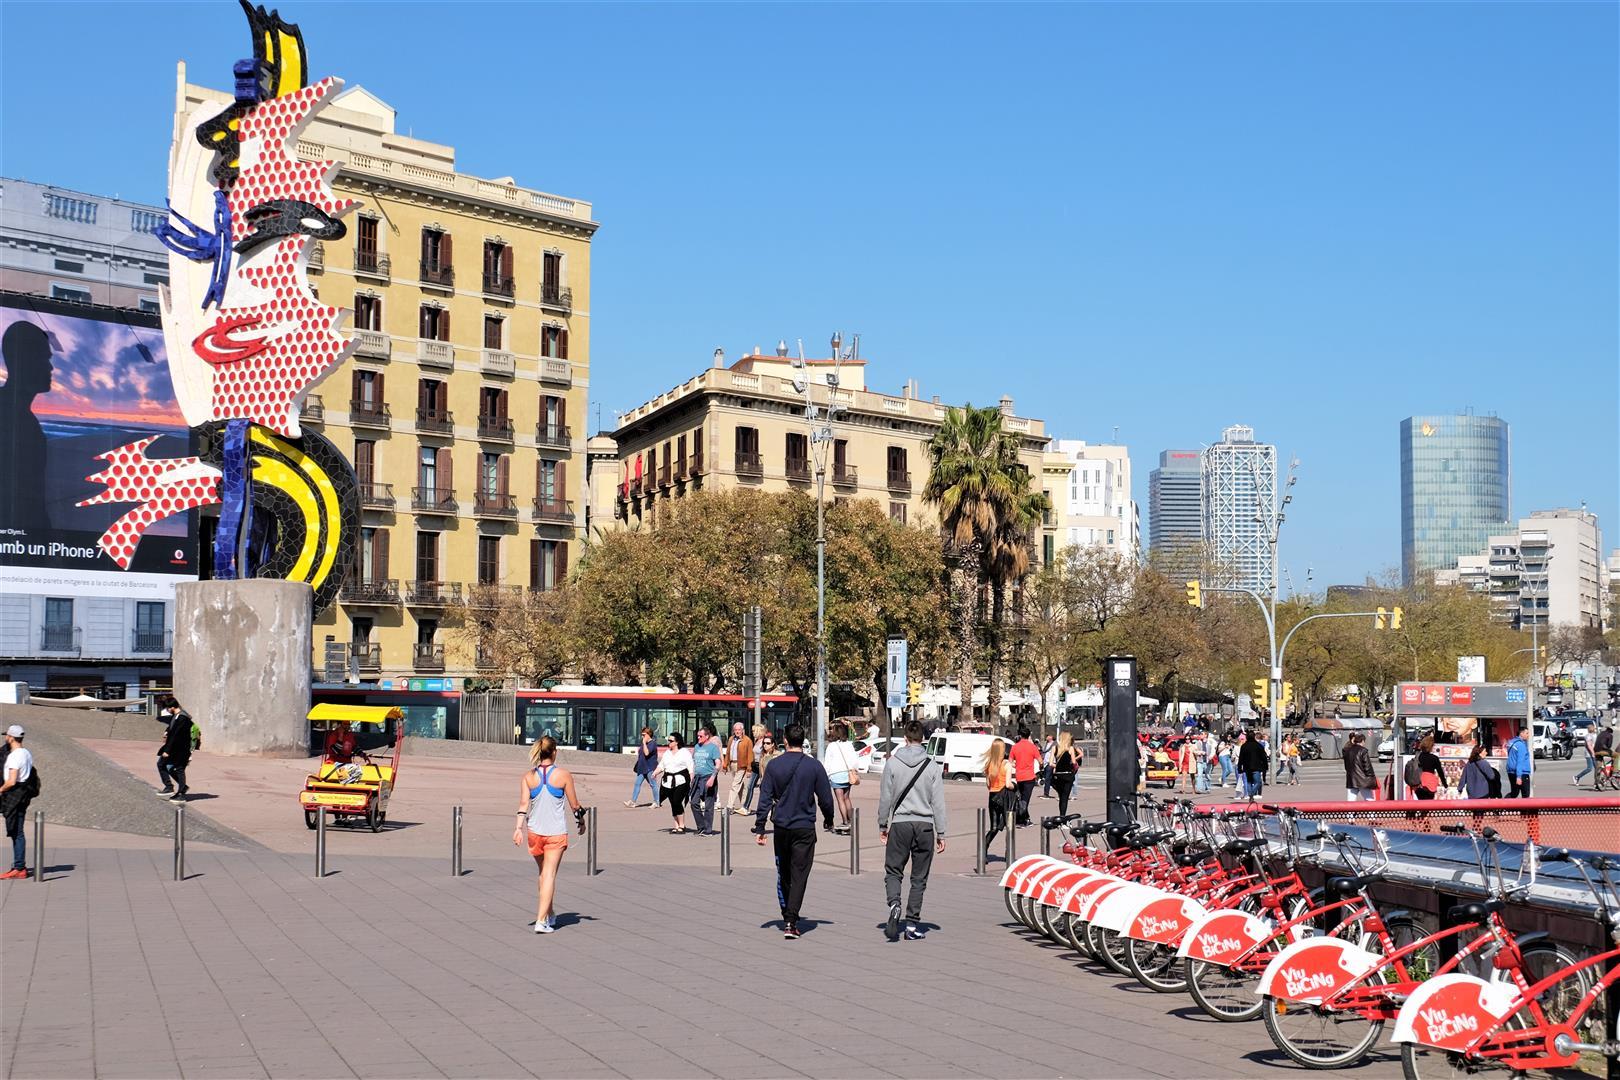 İspanya'da Yaşam (1)